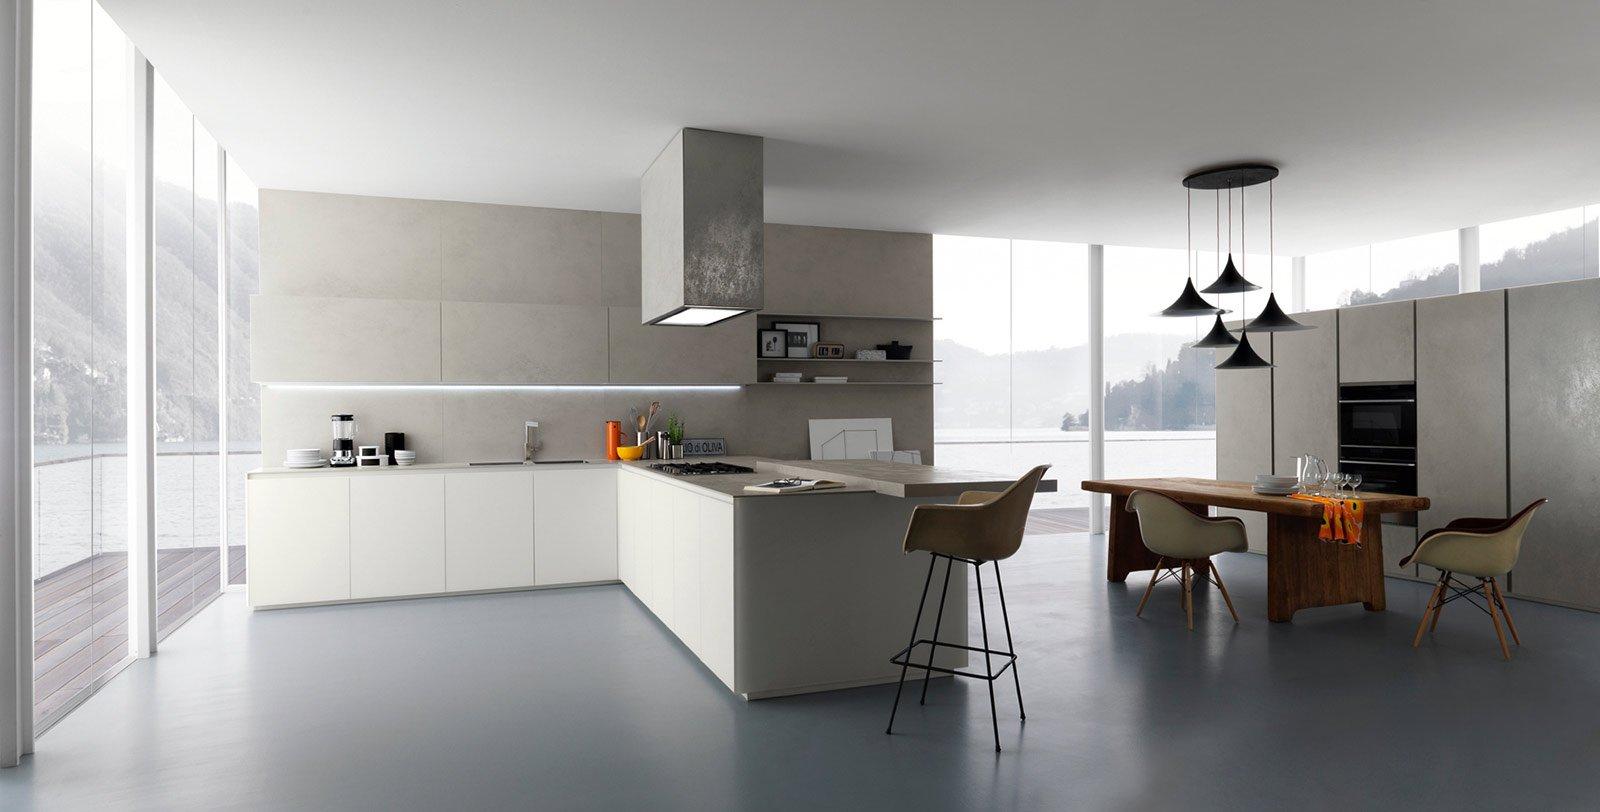 Cucina: la trasformo e la personalizzo così - Cose di Casa